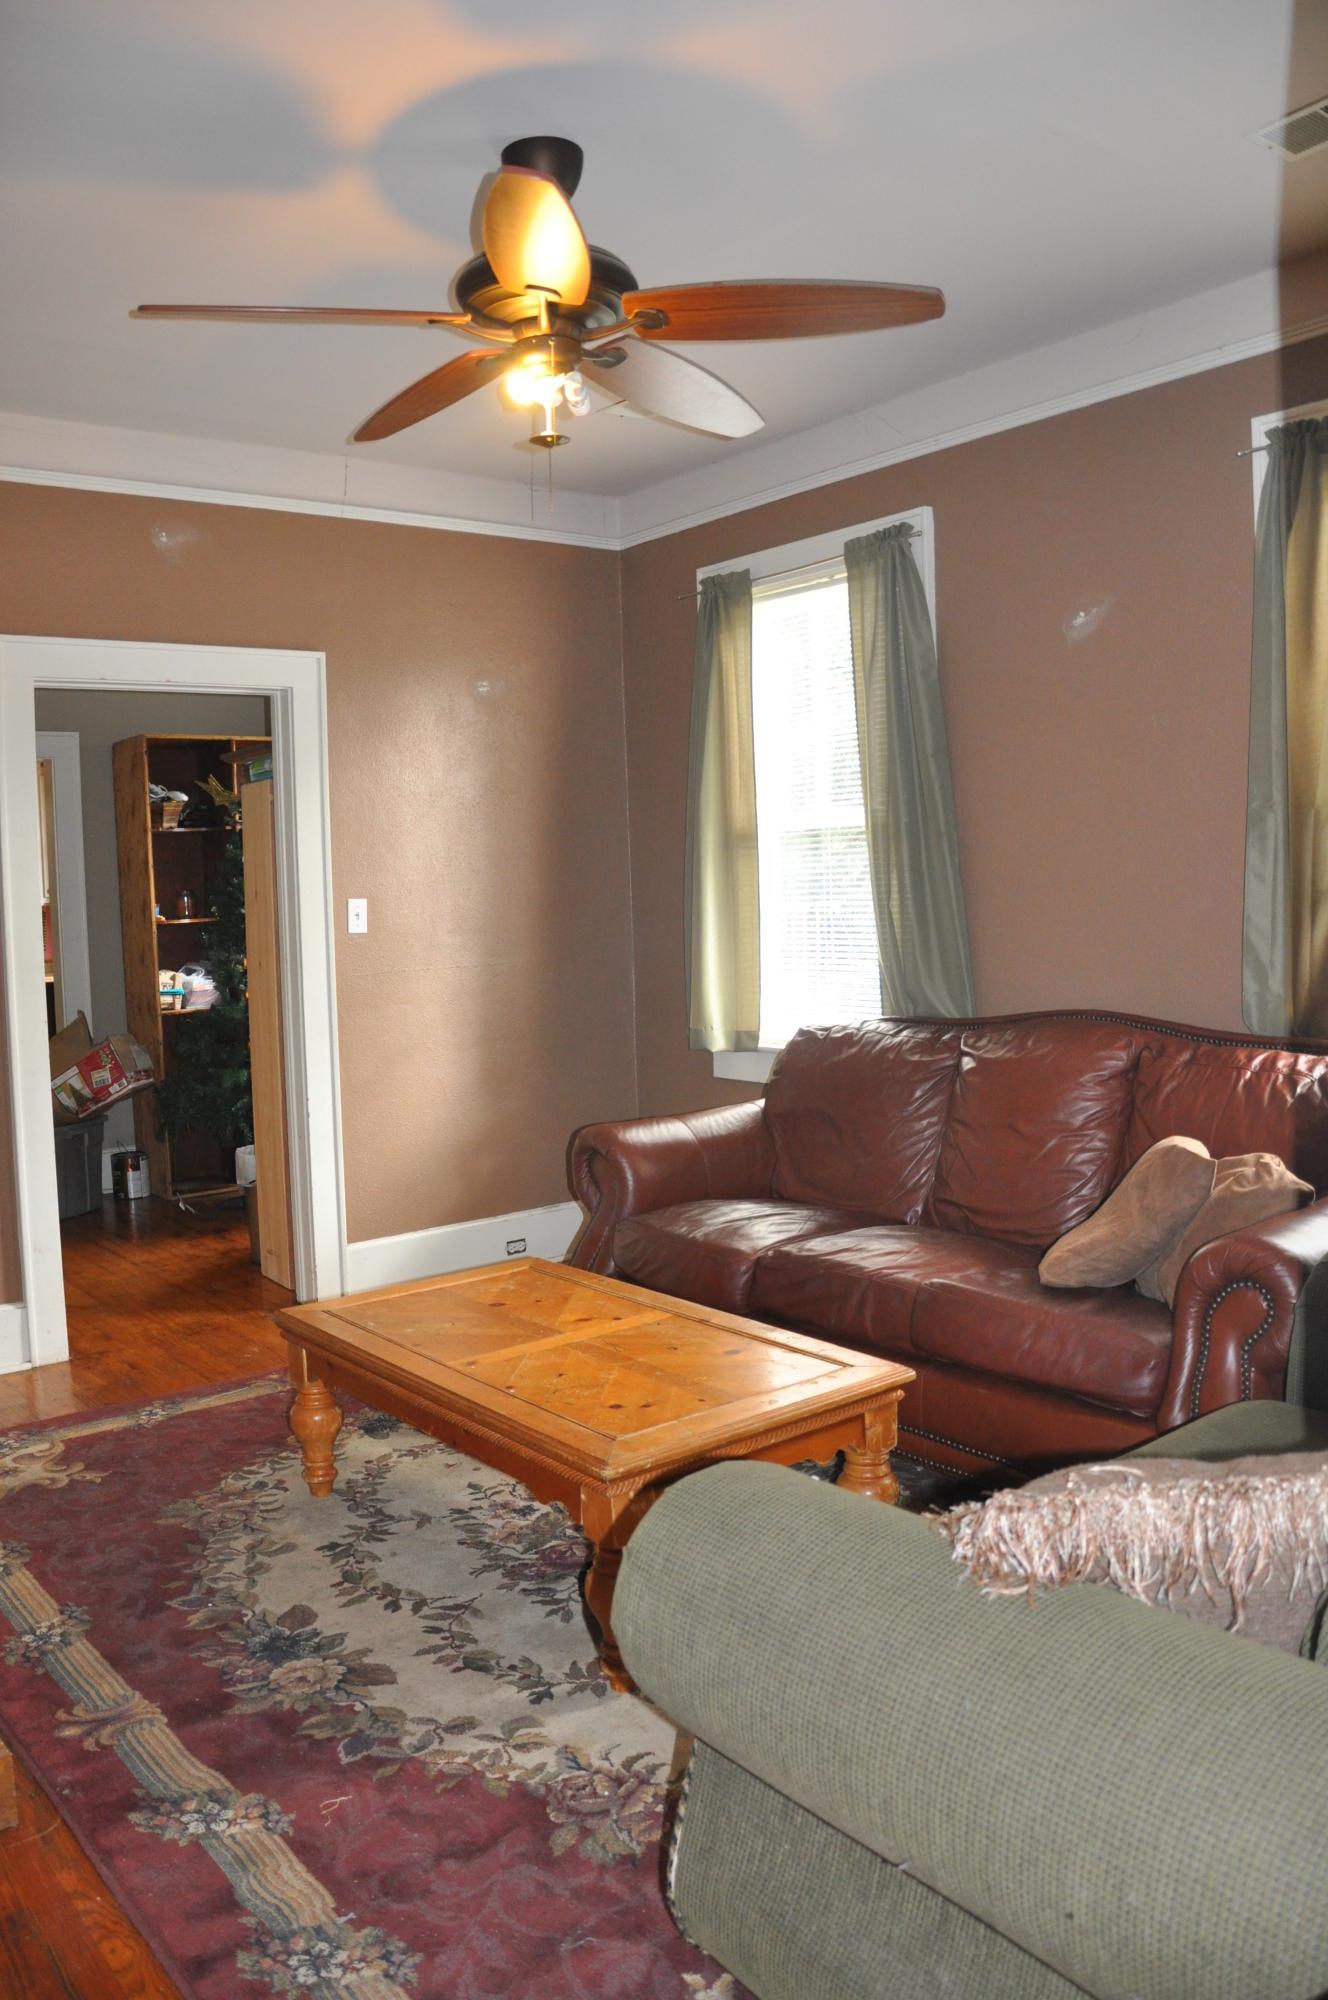 St Andrews Homes For Sale - 1820 1st, Charleston, SC - 2